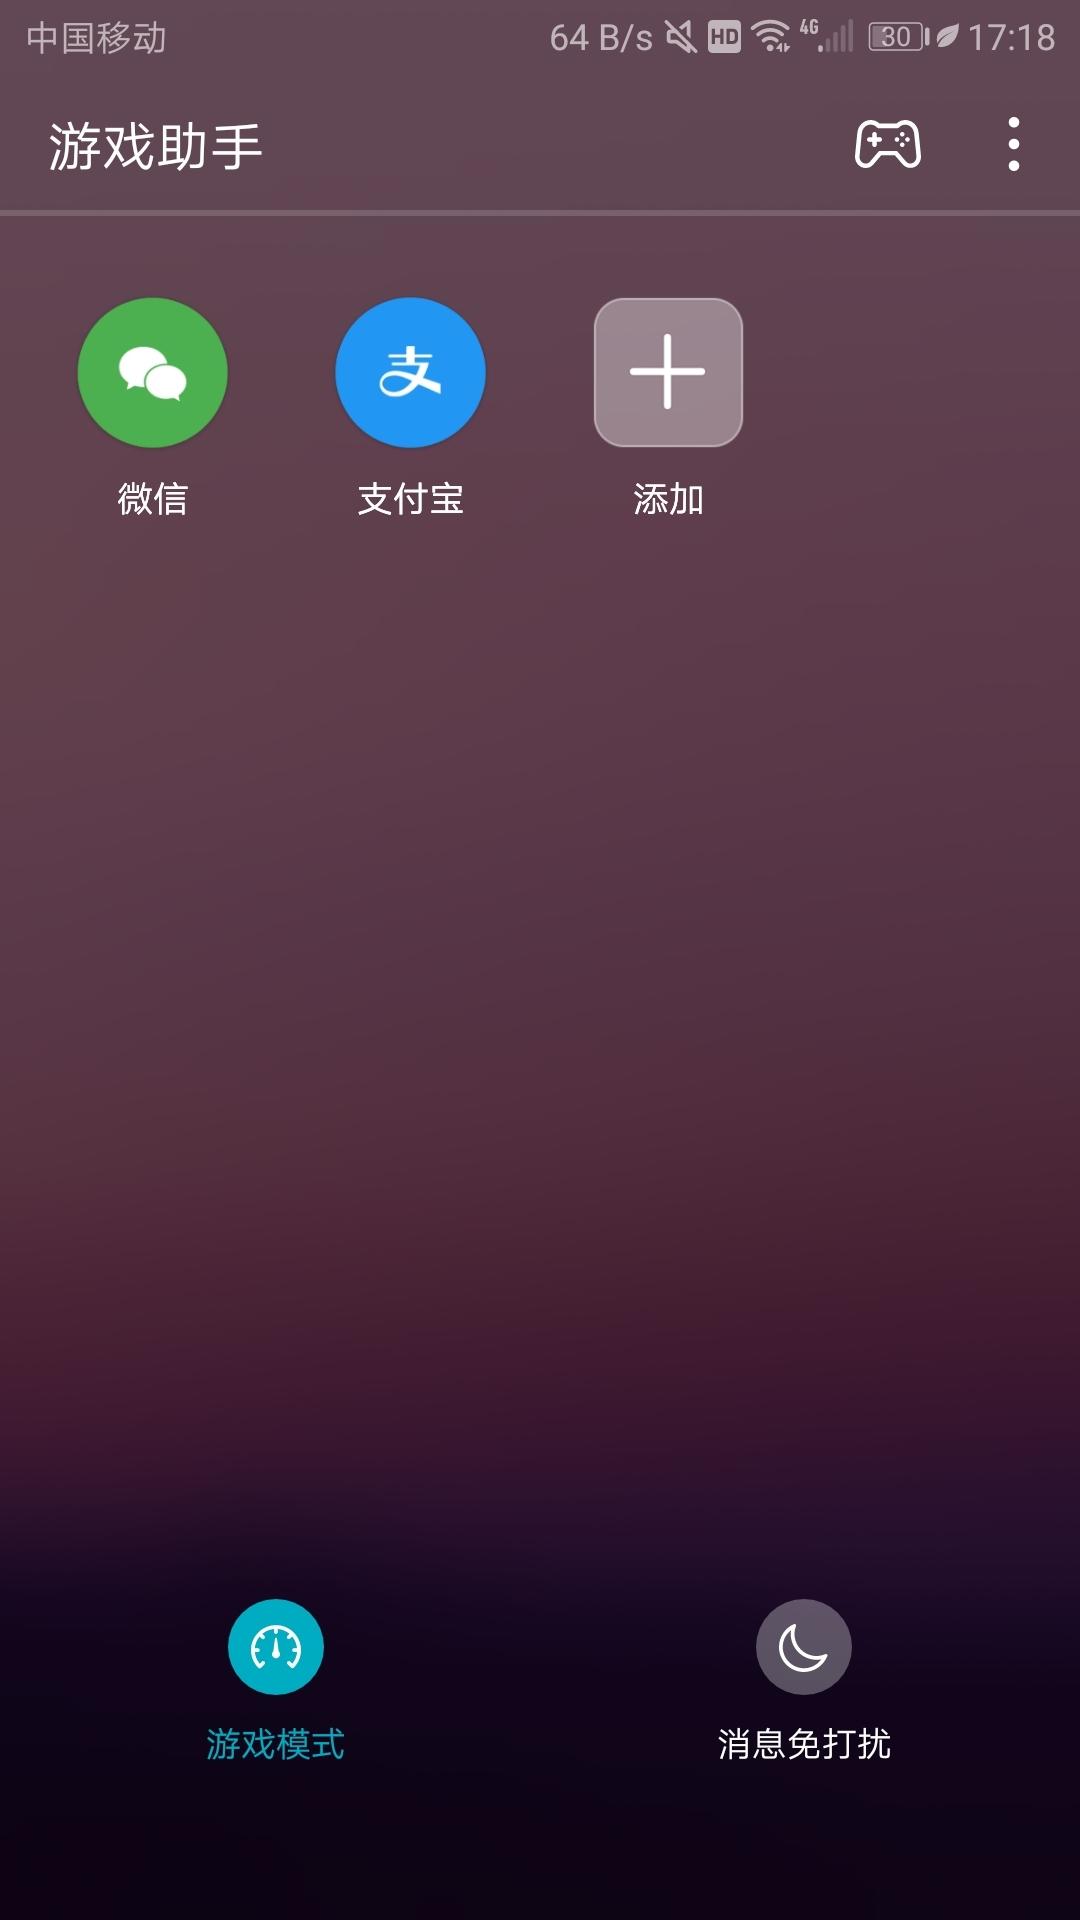 Screenshot_20200509-171822.jpg